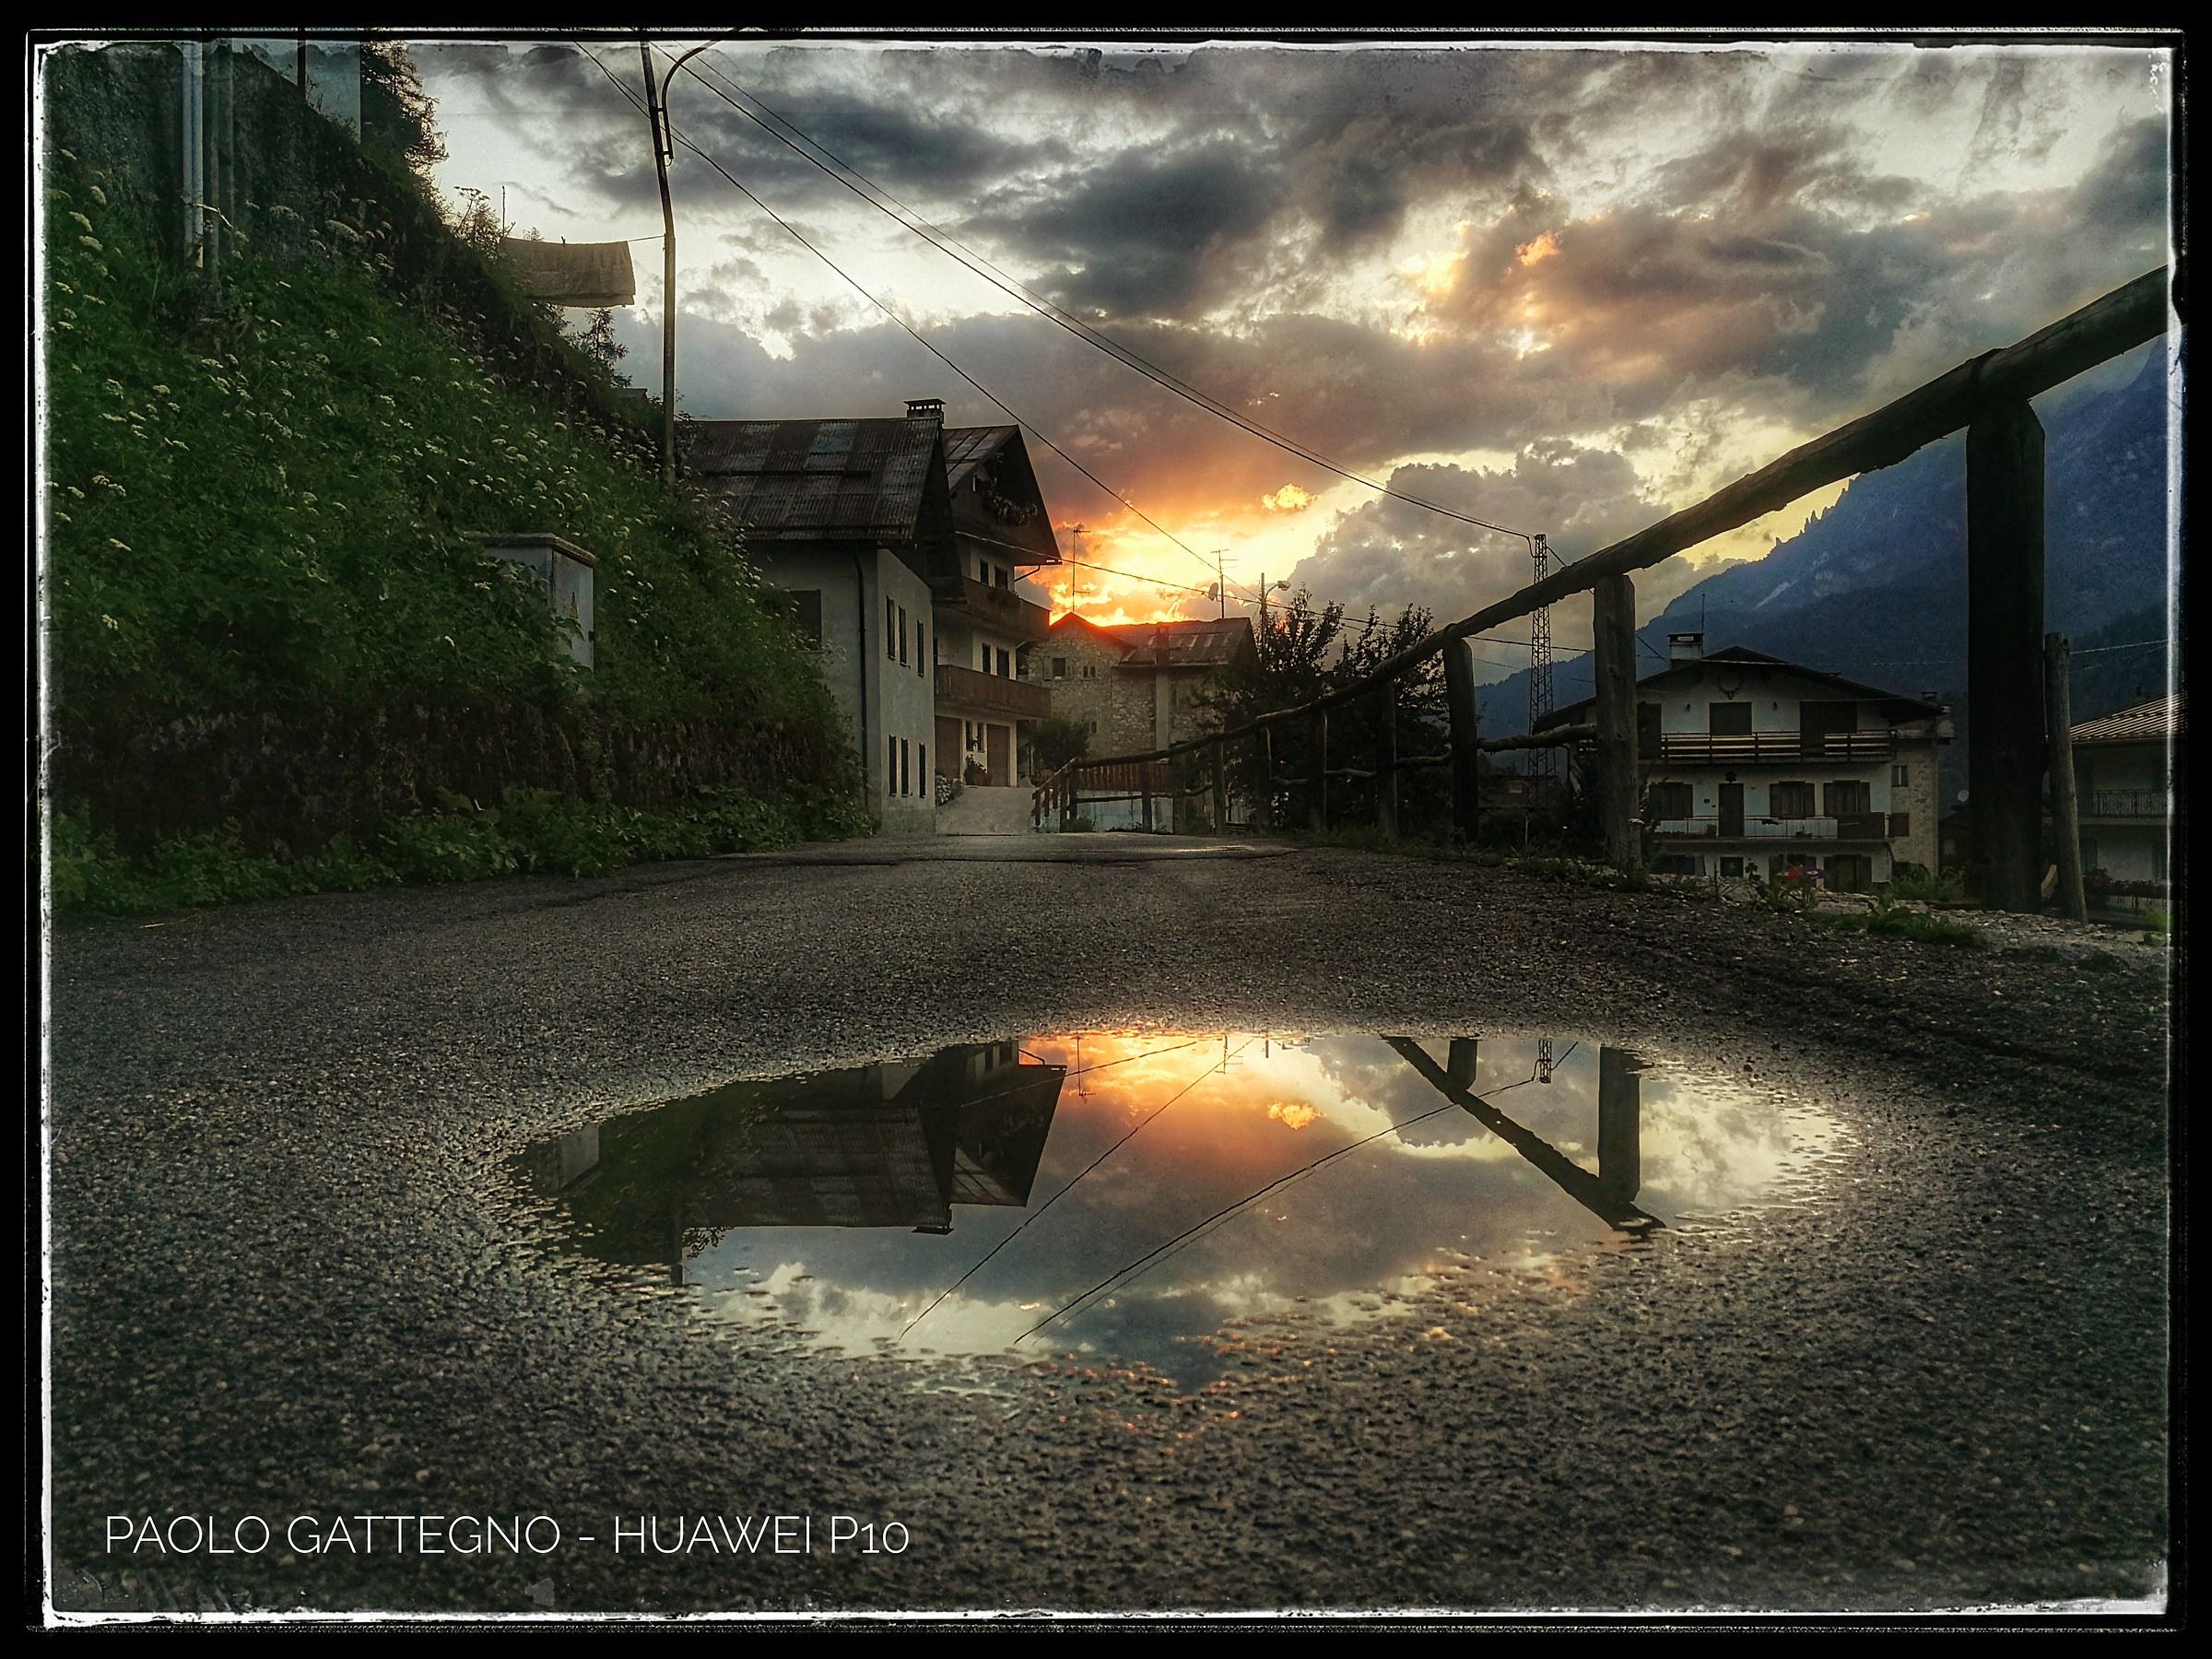 Cadorino sunset...